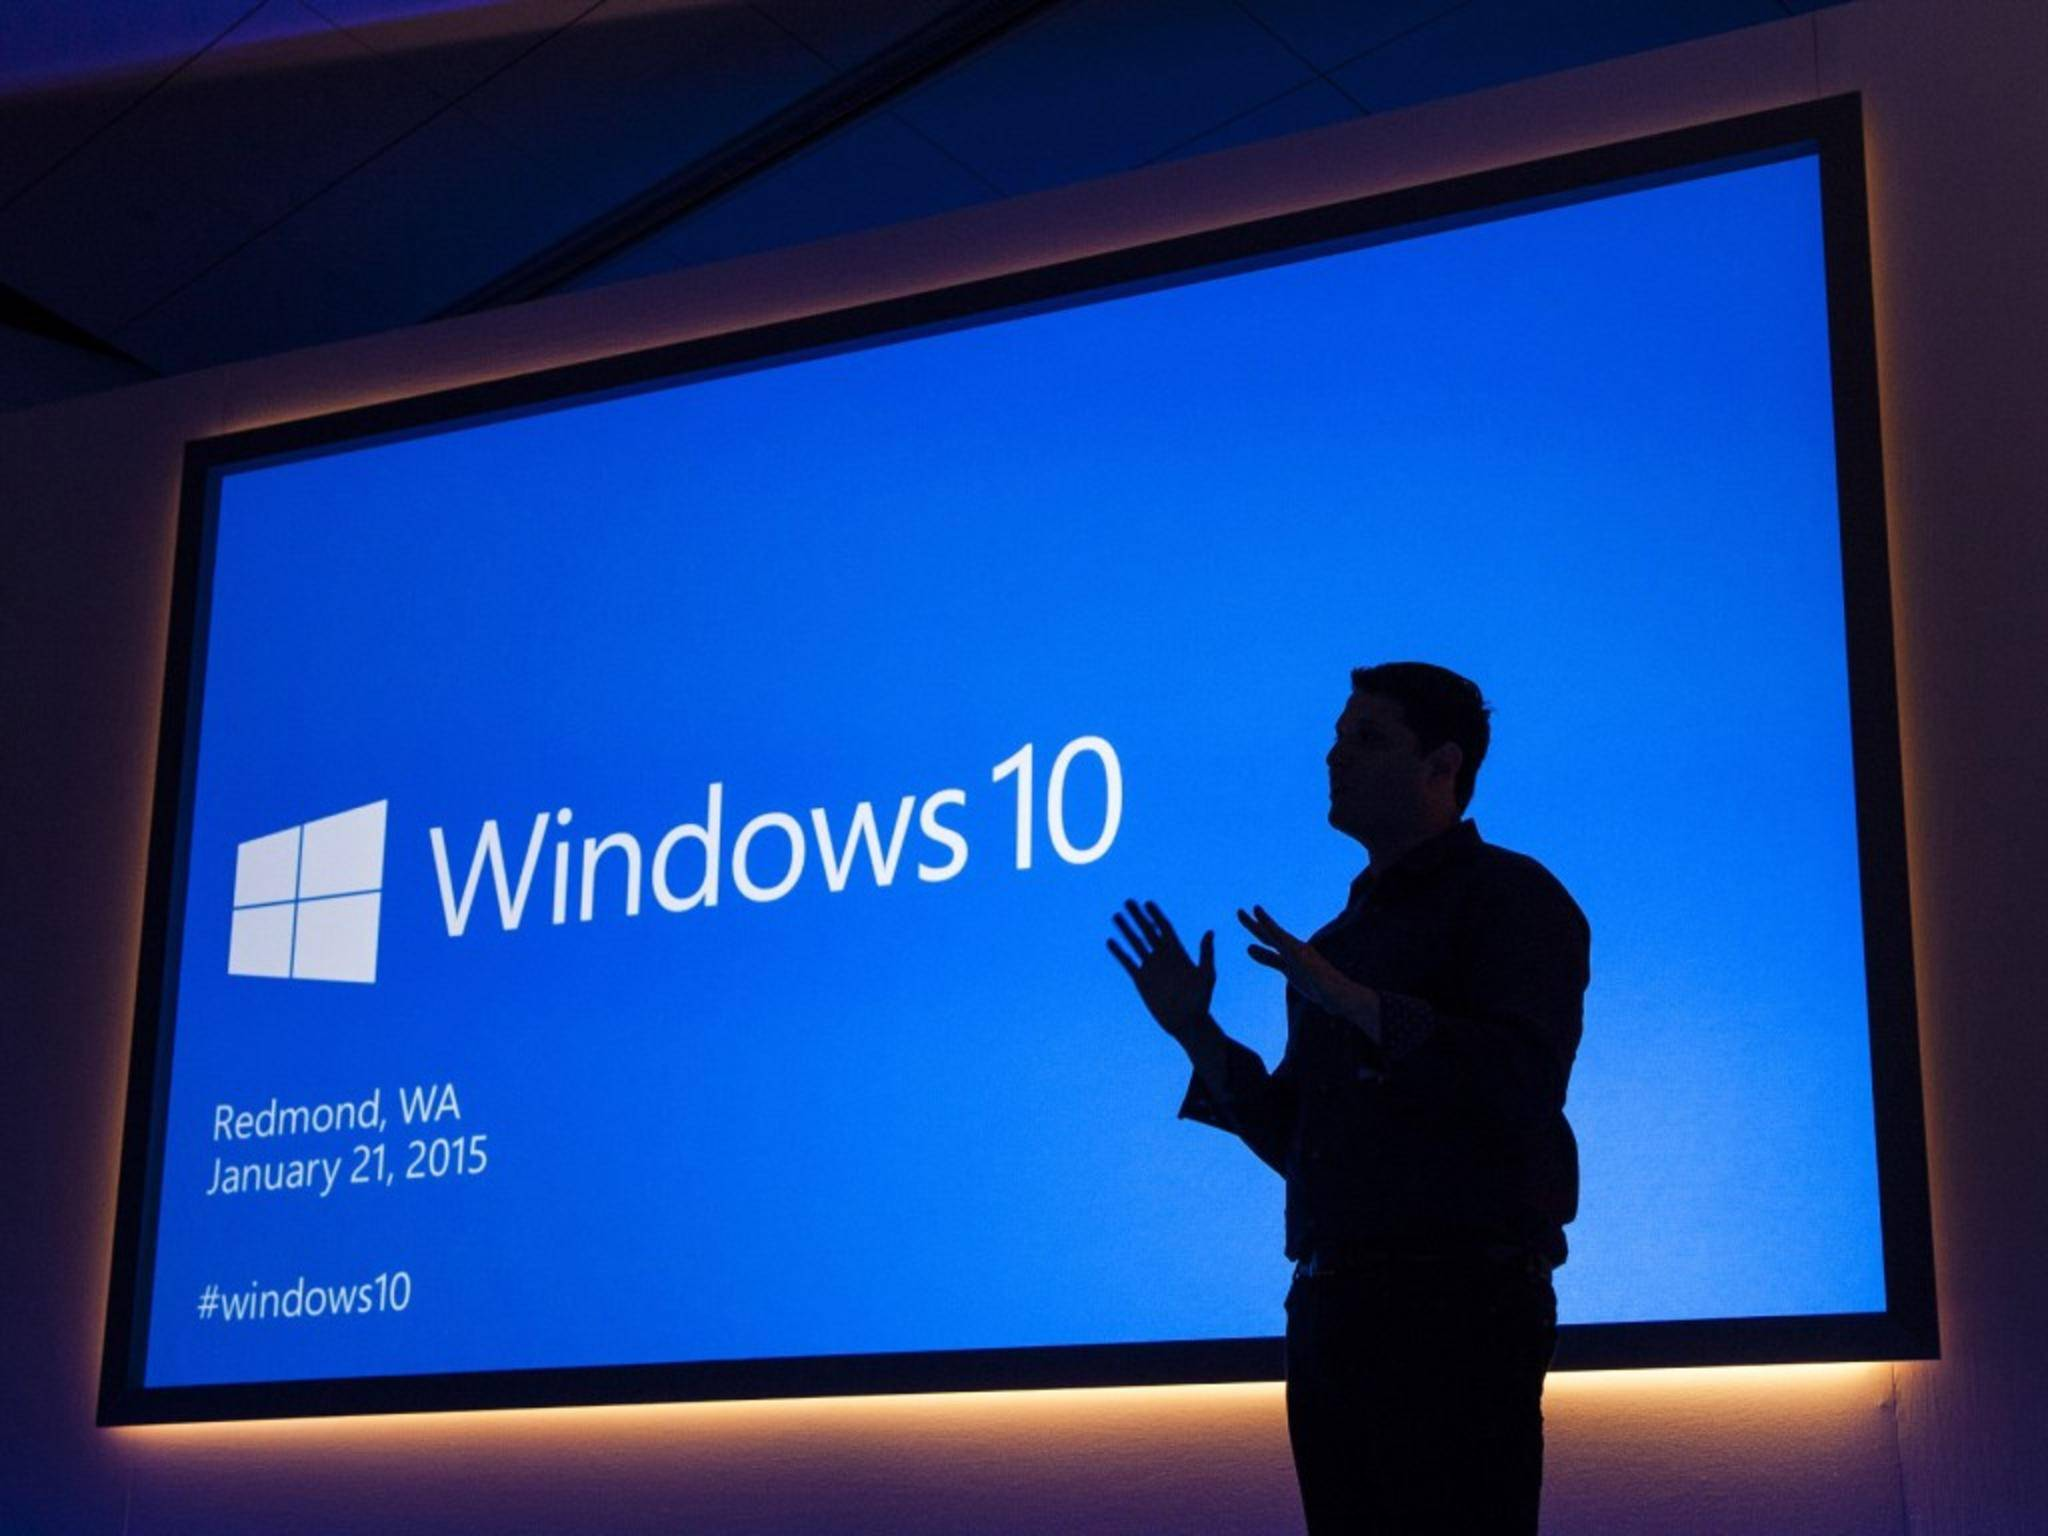 Nutzer von Windows 7 und 8.1 können im ersten Jahr kostenlos auf Windows 10 upgraden.